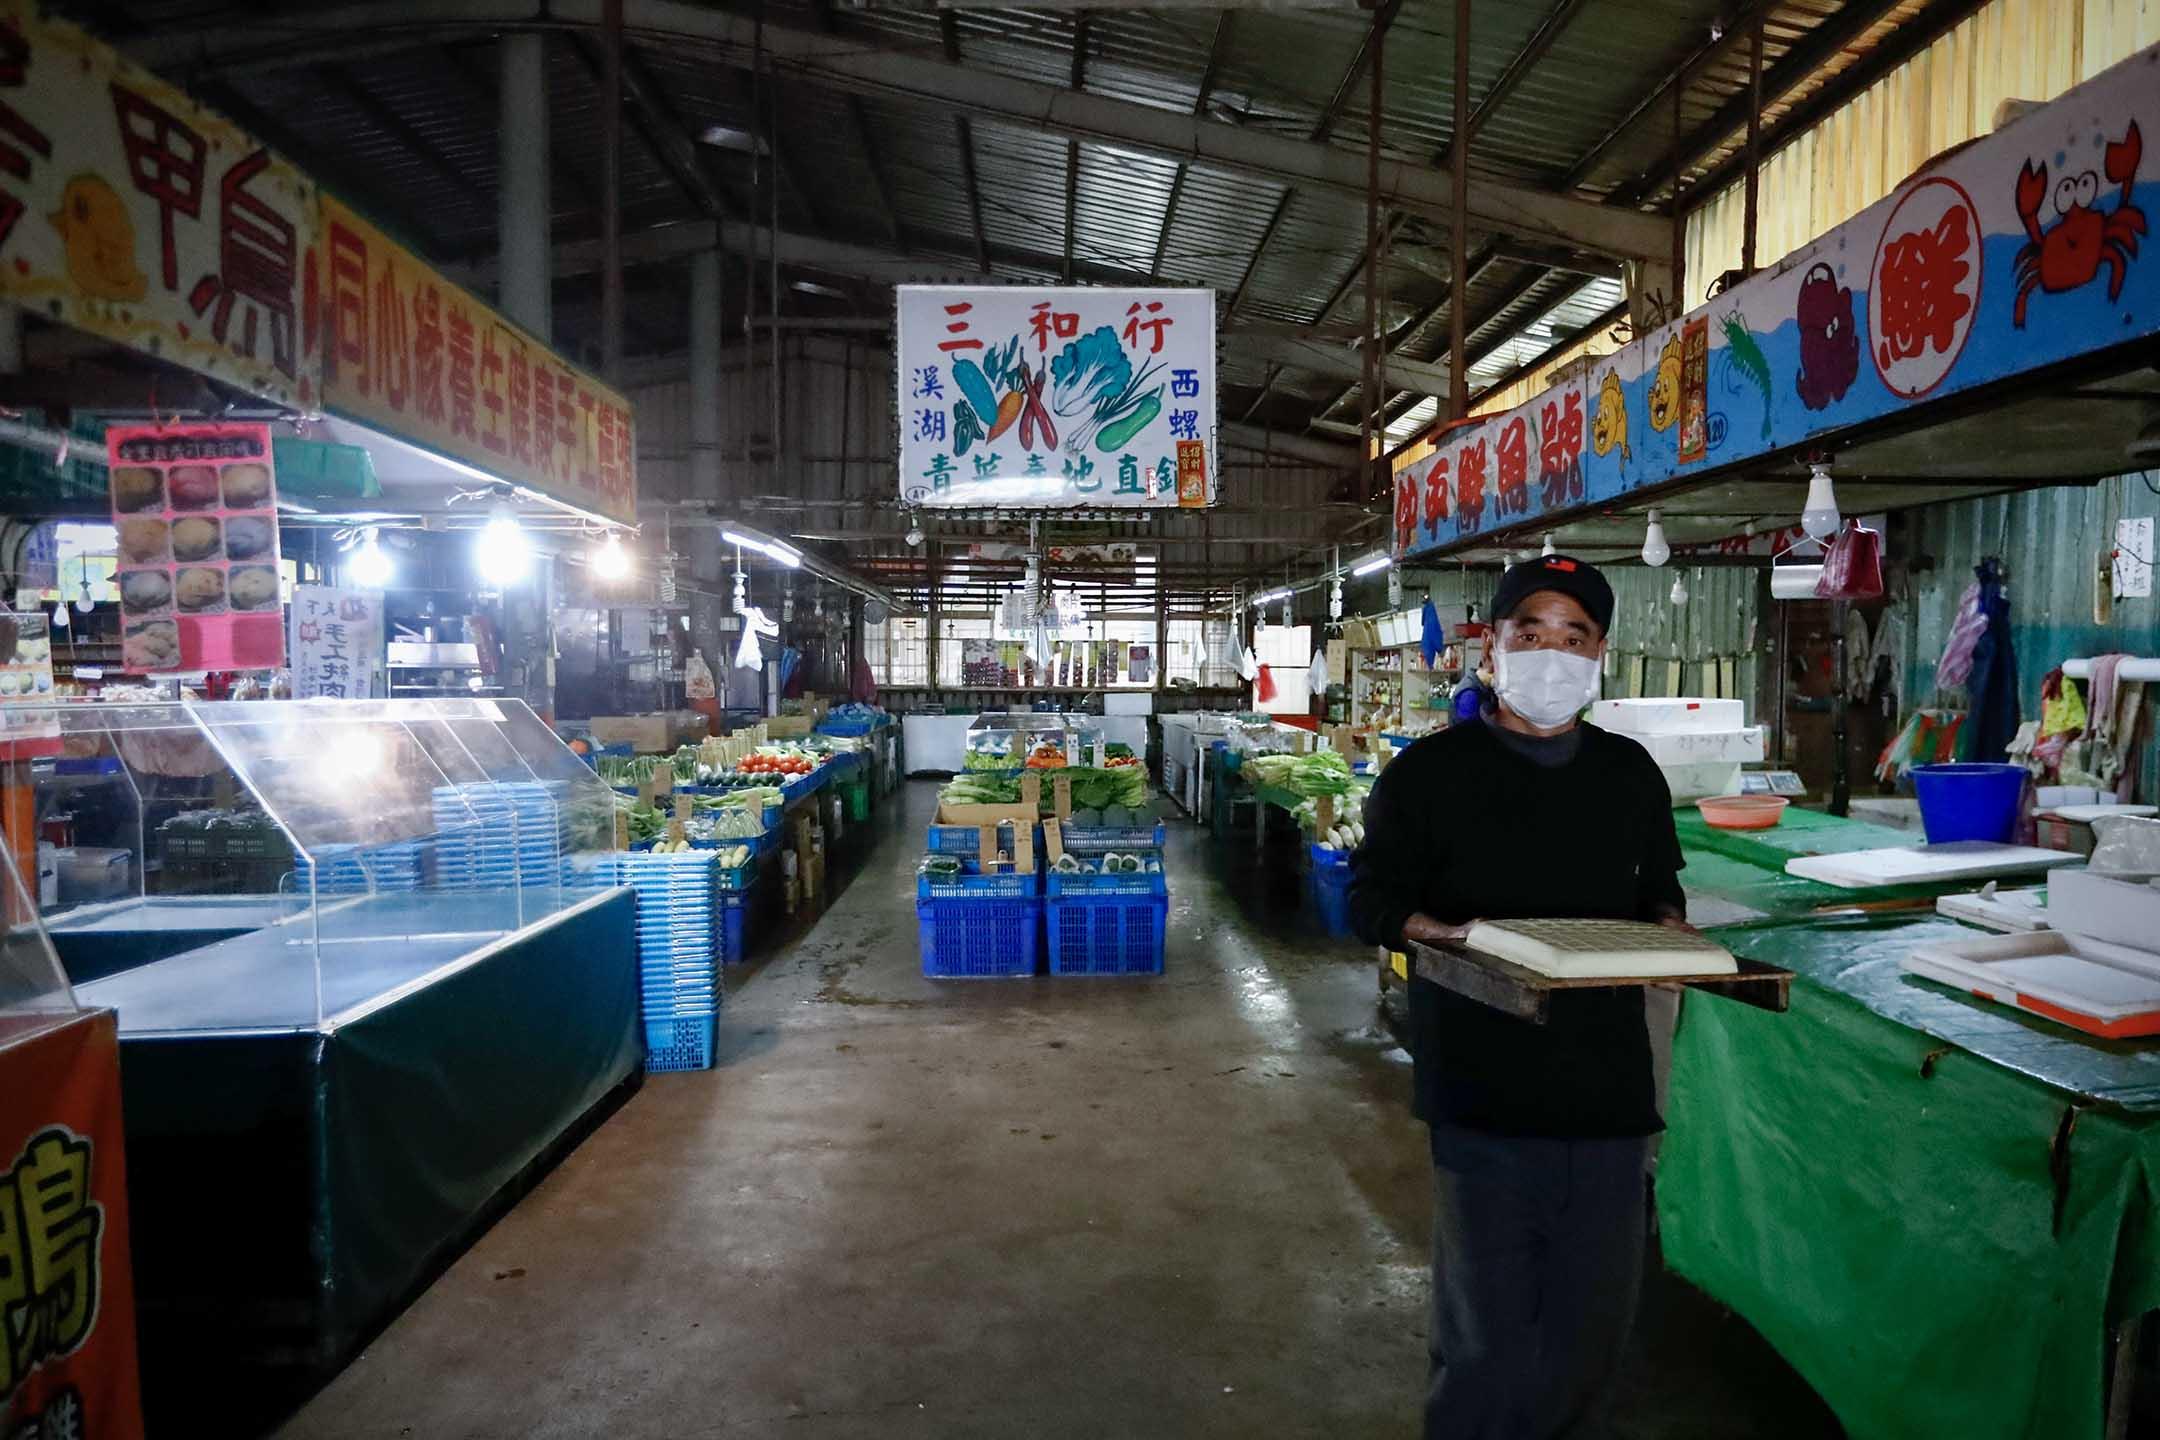 2021年1月26日台灣桃園,市場的遊客和顧客顯著減少。 攝:Ceng Shou Yi/NurPhoto via Getty Images